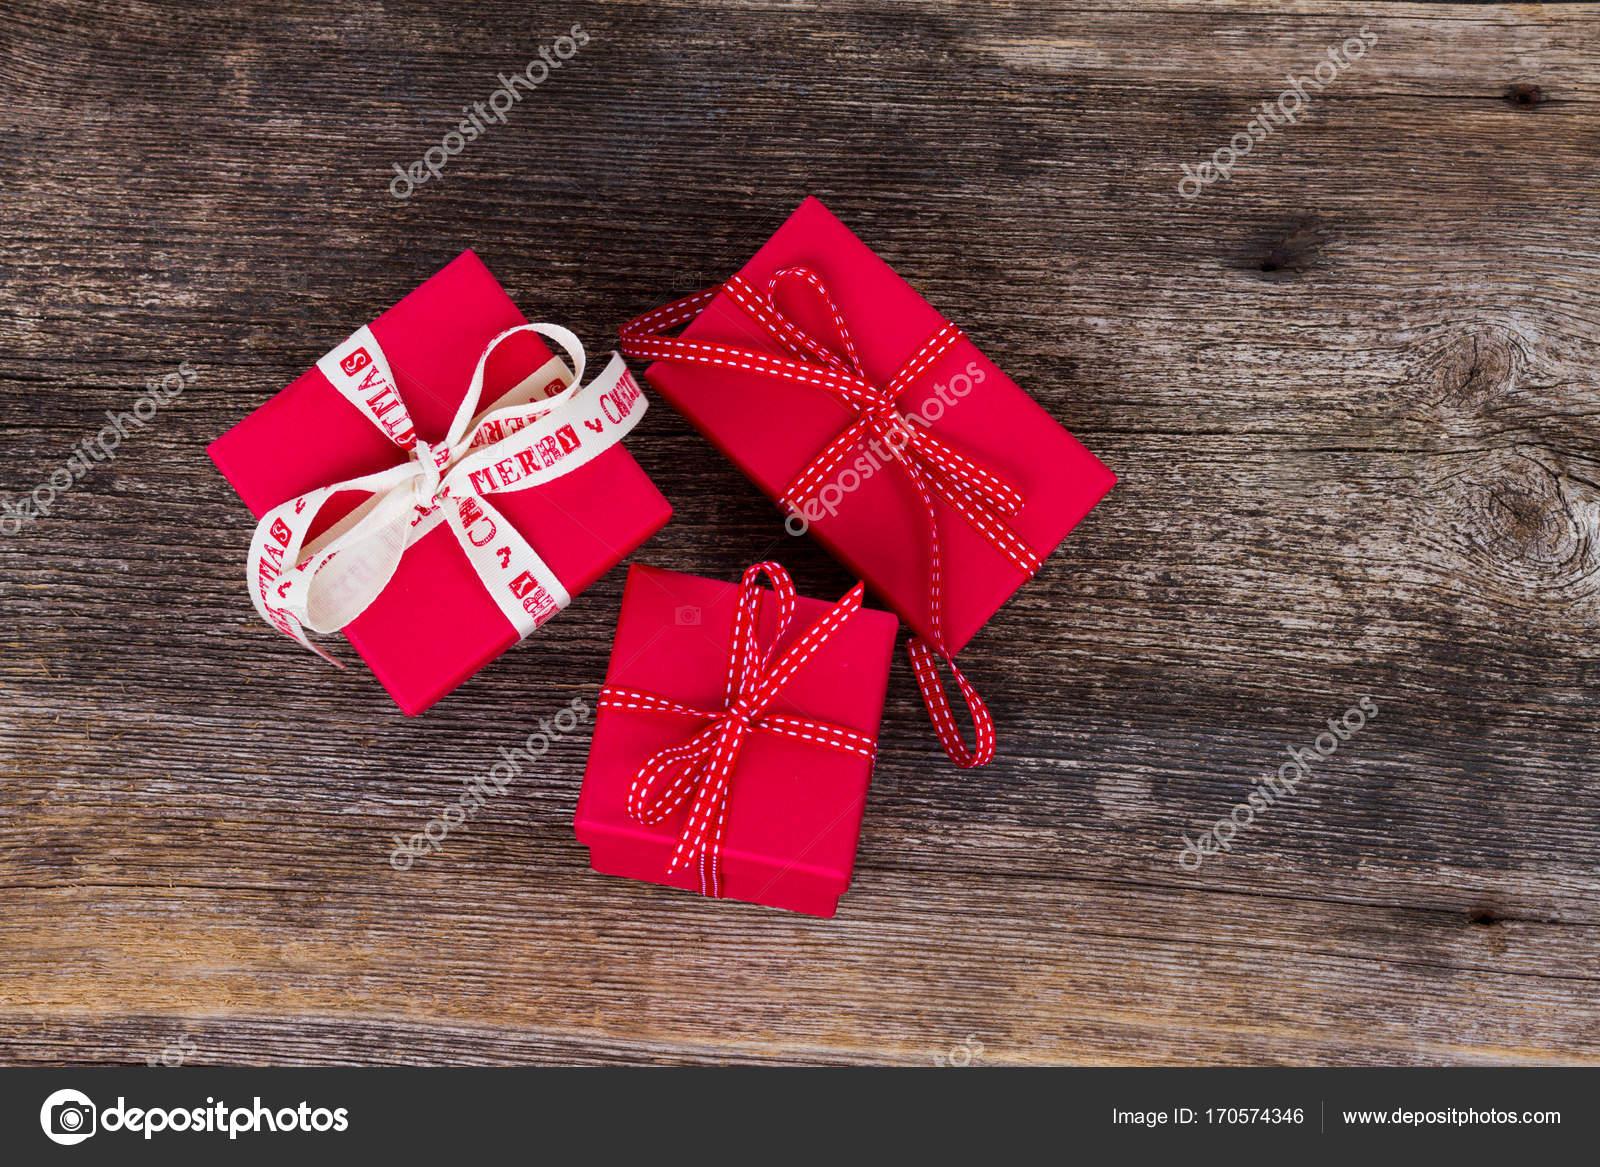 Christmas Gift Giving.Christmas Gift Giving Stock Photo C Neirfys 170574346